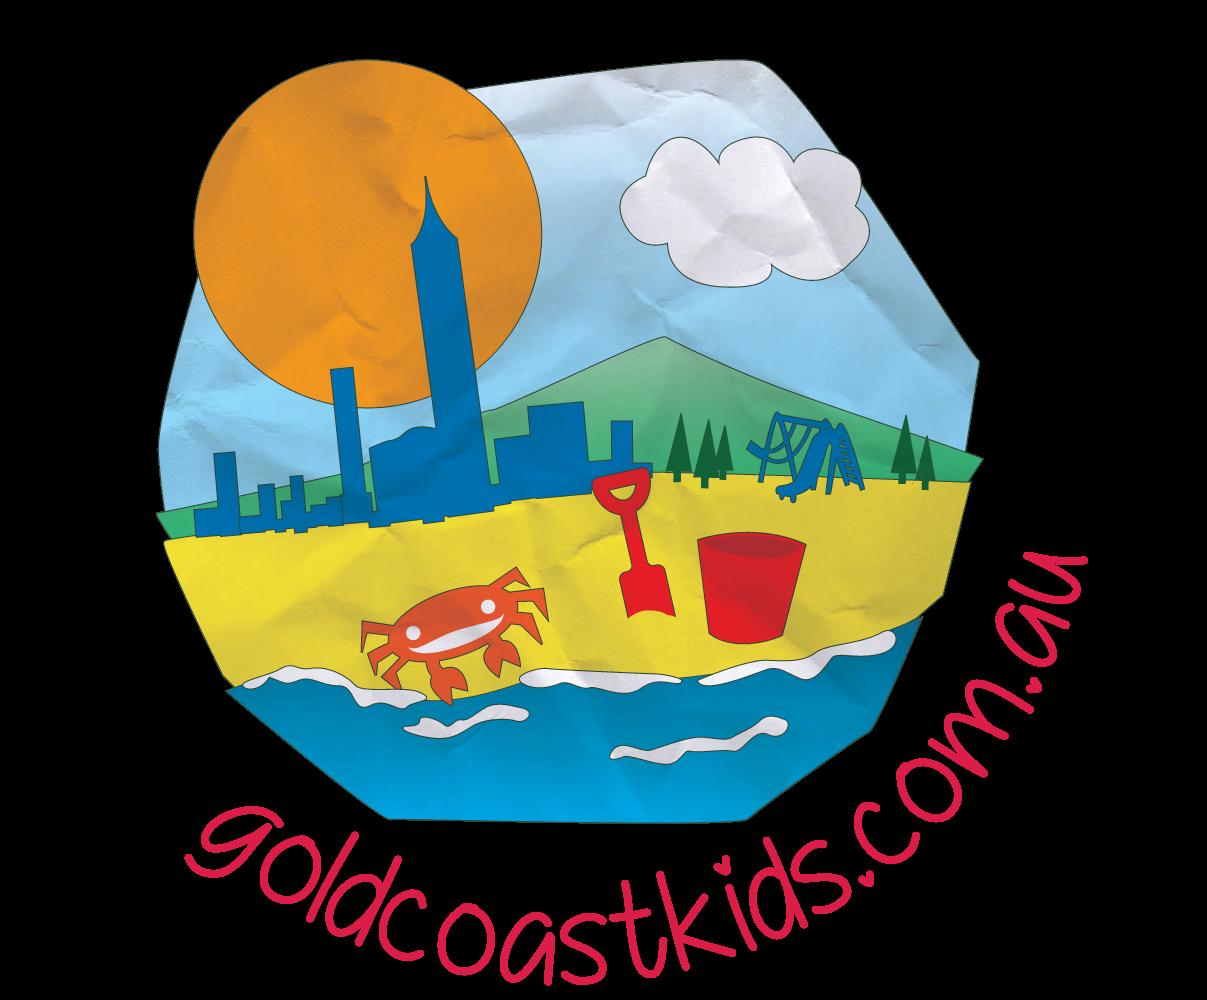 http://1.bp.blogspot.com/-k_ZUhafy564/UUG9wq1oKEI/AAAAAAAAC3w/LzU3bXSJEYM/s1600/Gold+Coast+Kids.png